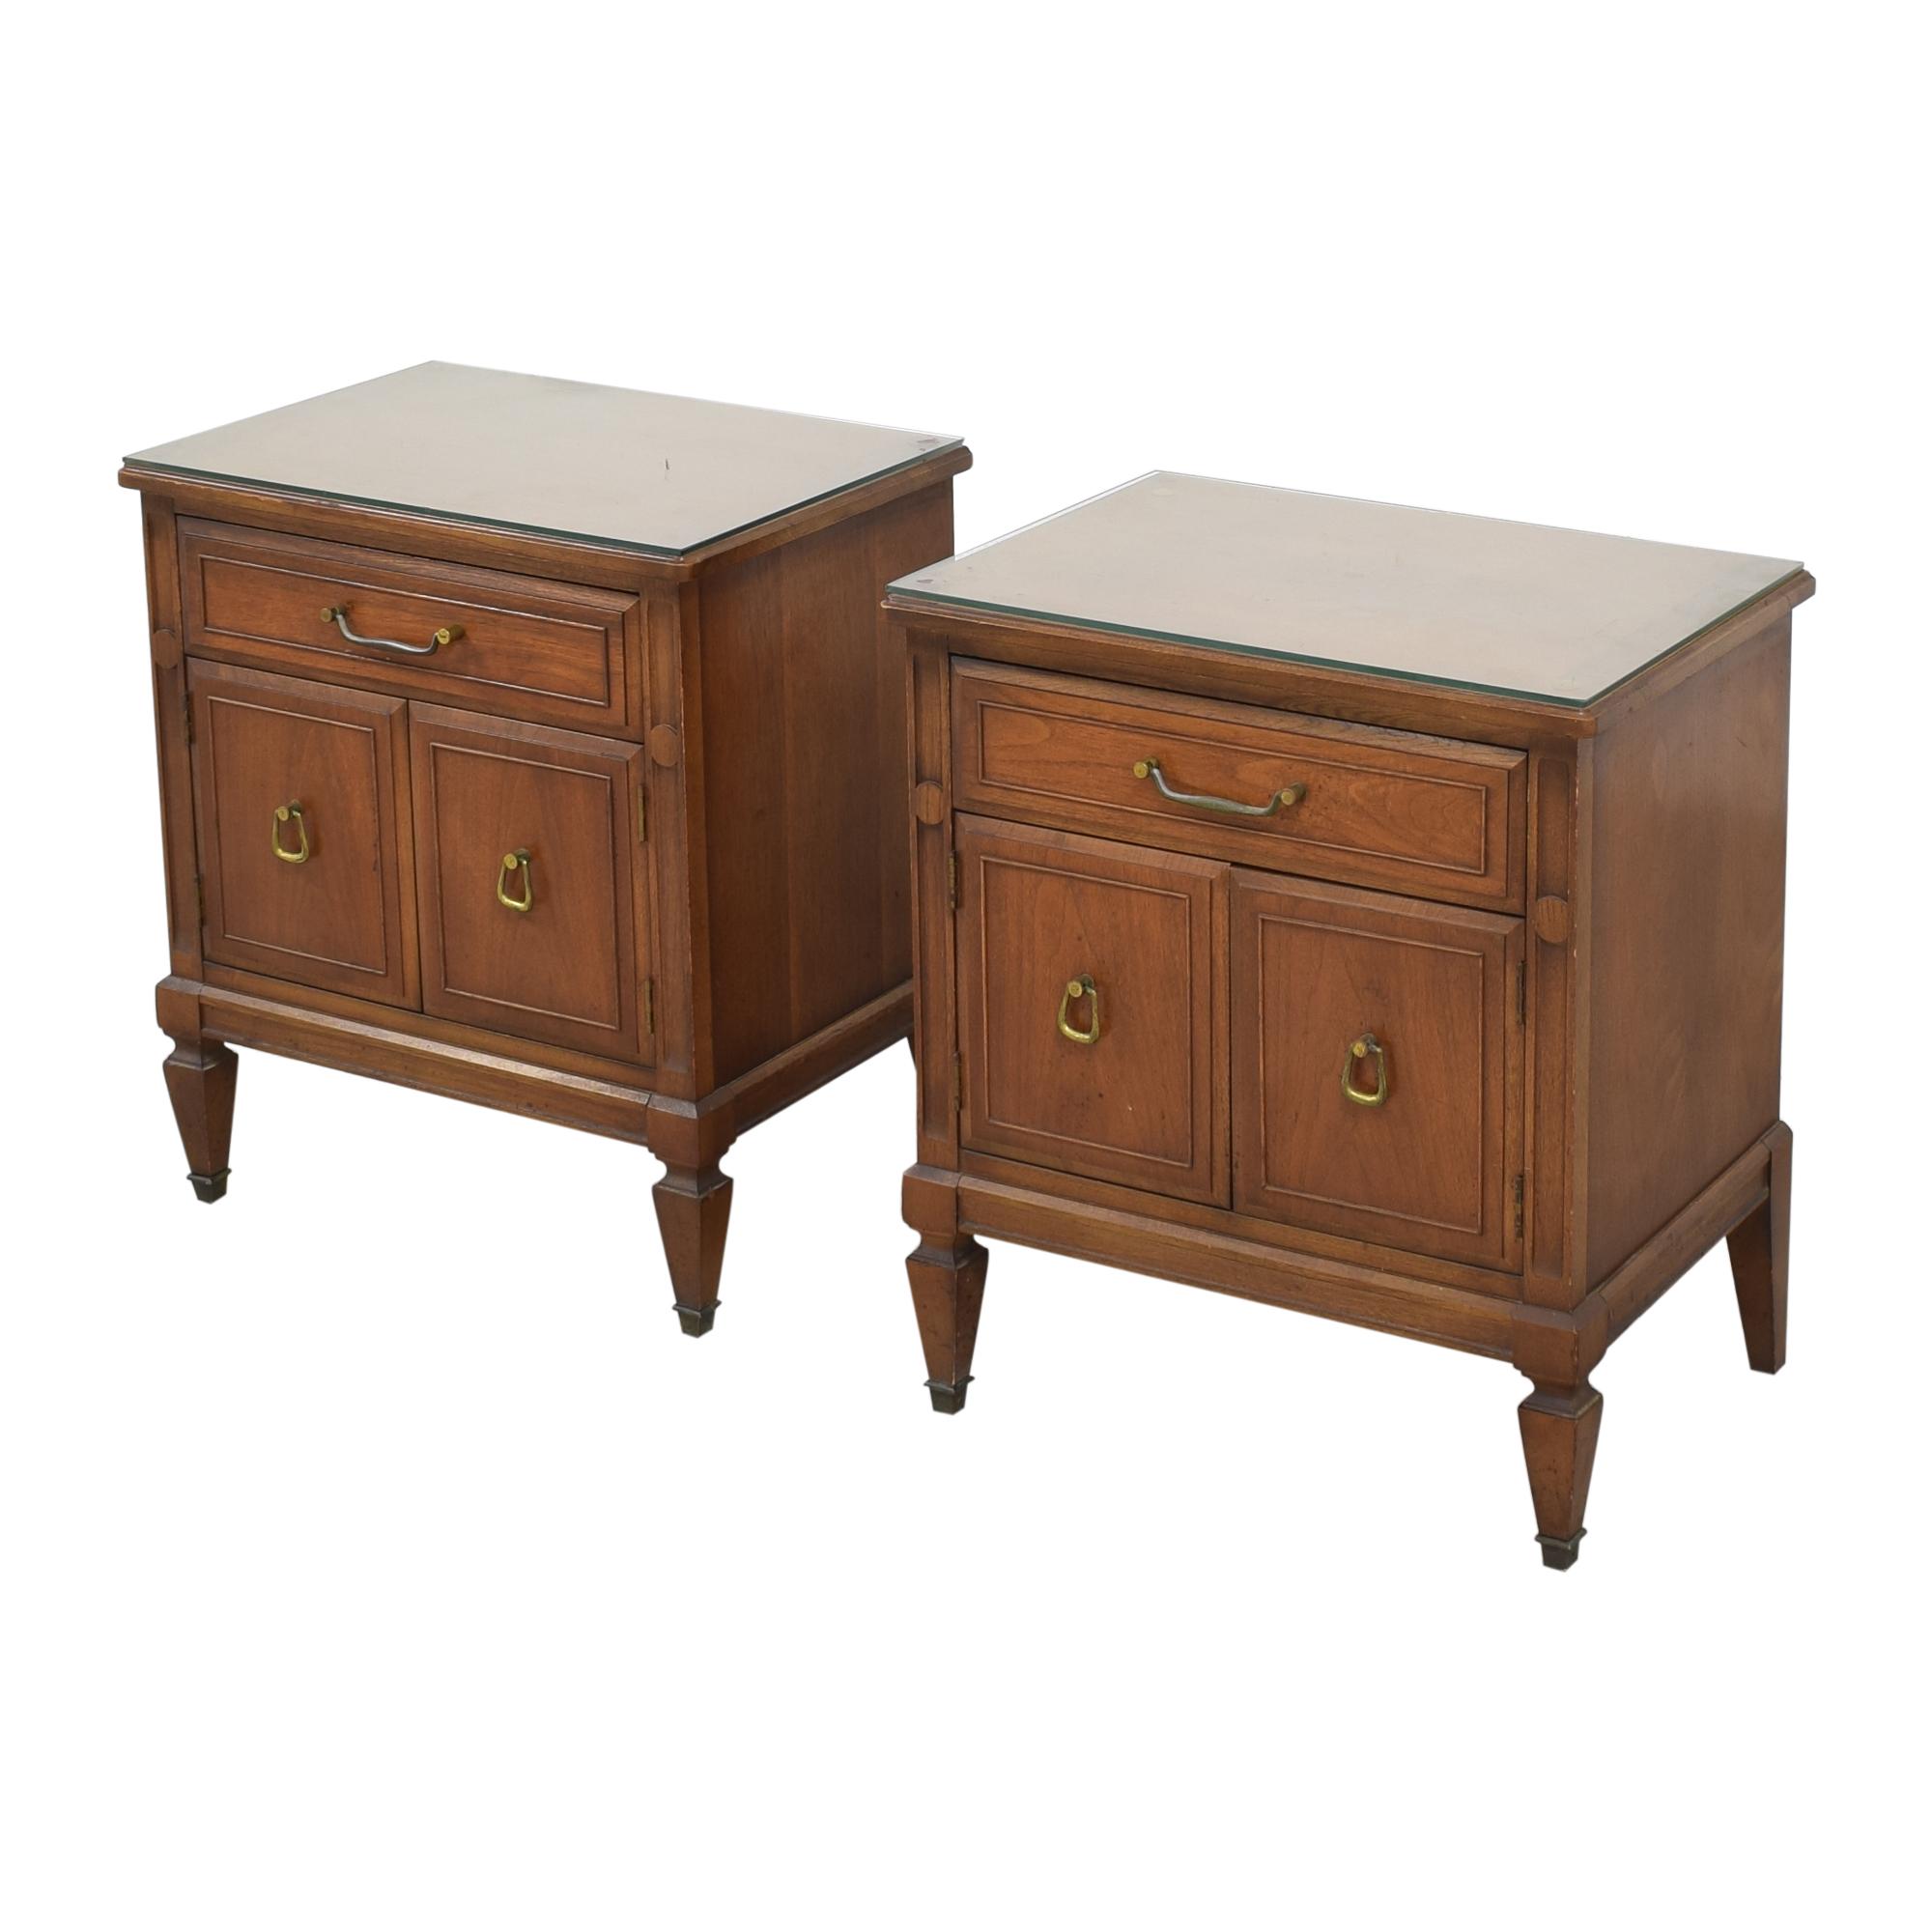 Huntley Huntley Vintage Single Drawer Nightstands discount